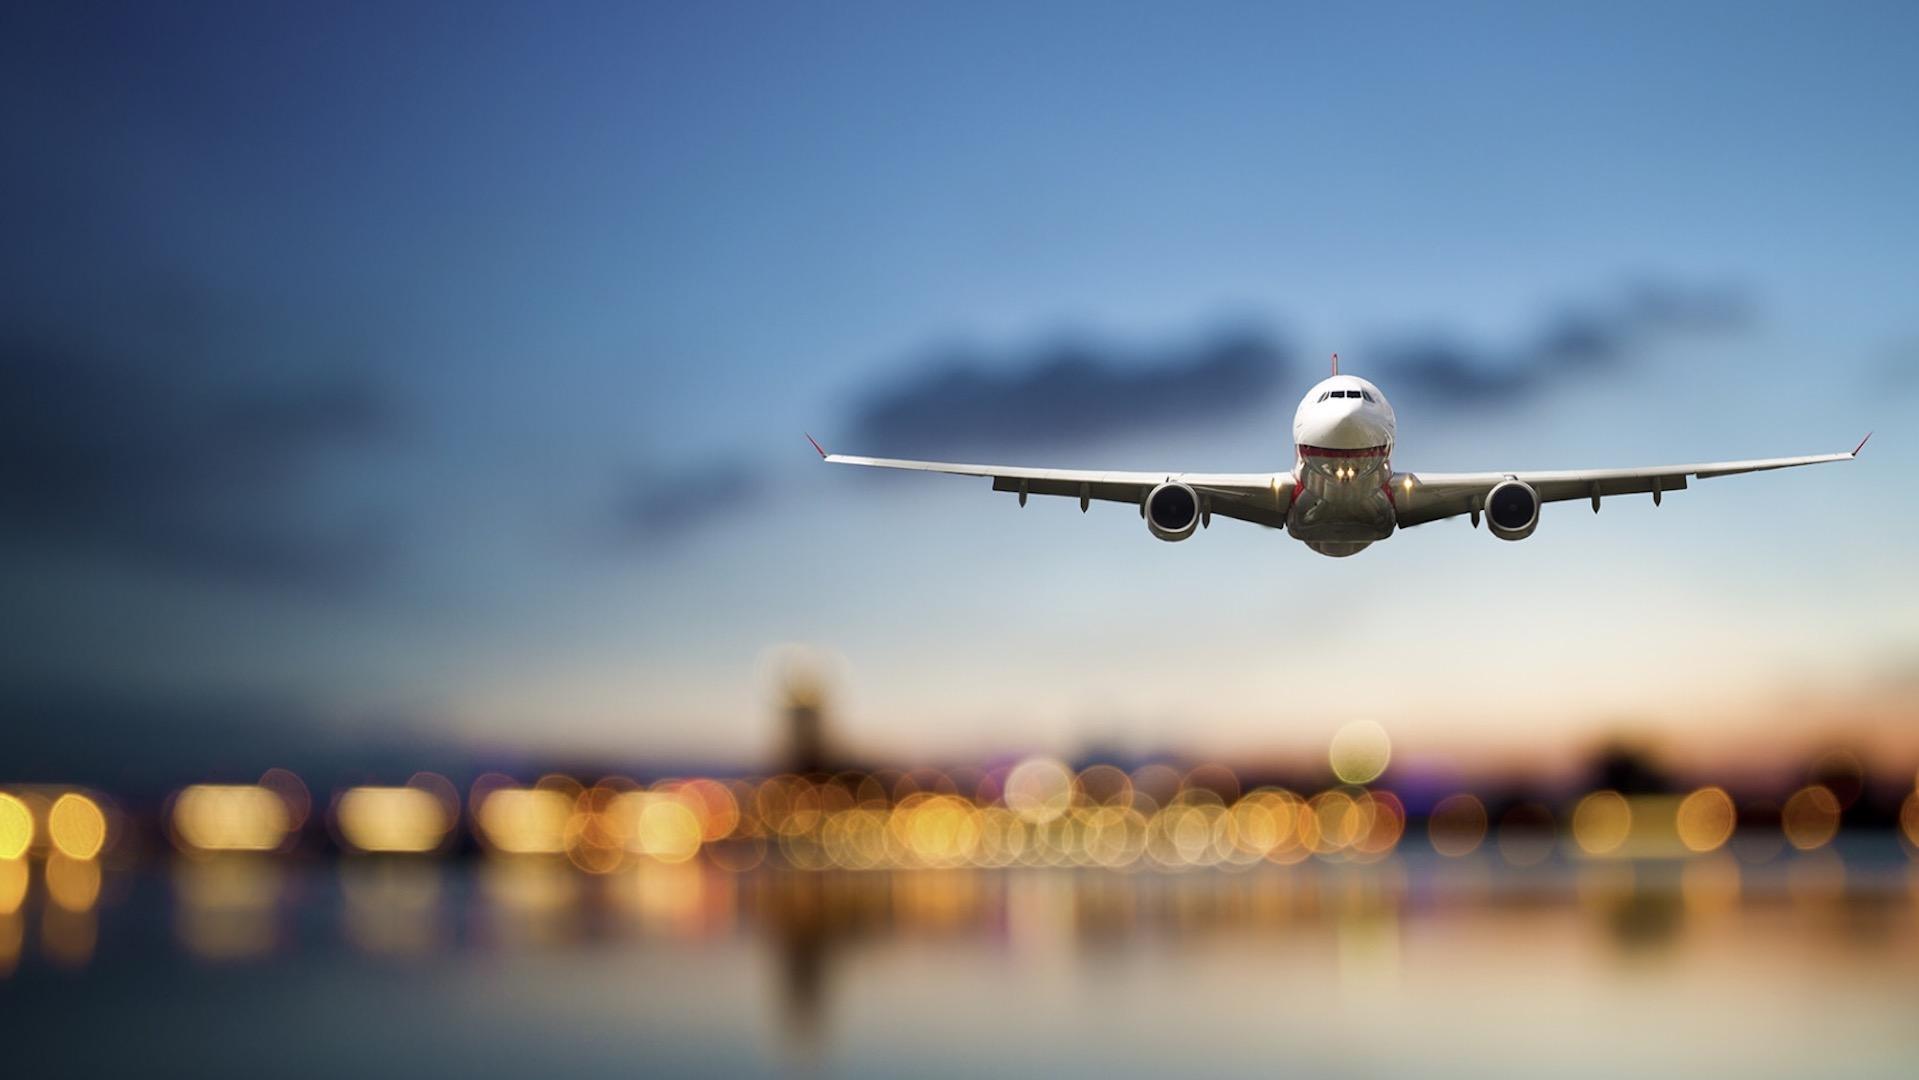 El aeropuerto de Córdoba sigue sumando vuelos y conexiones: lo que viene